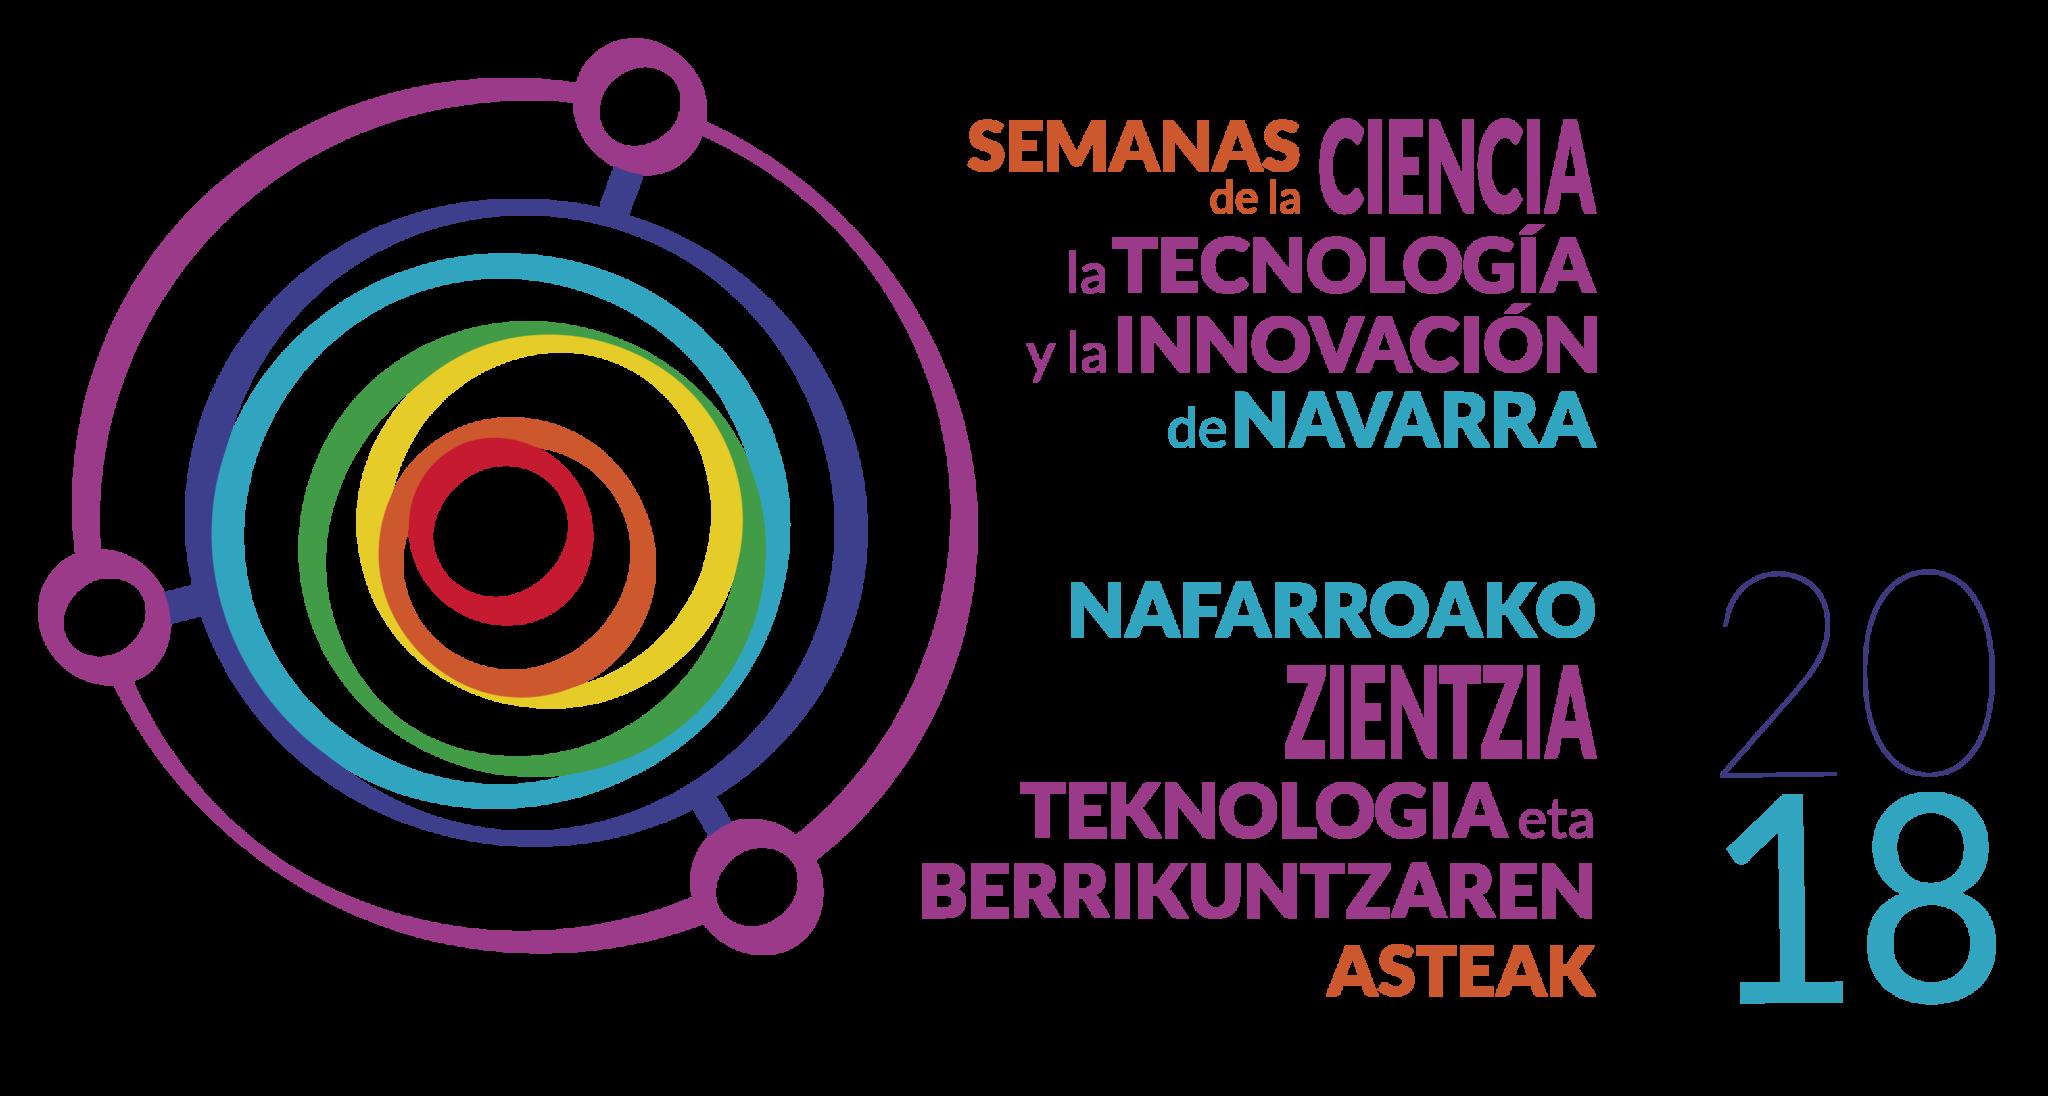 Logotipo de las Semanas de la Ciencia de Navarra 2018